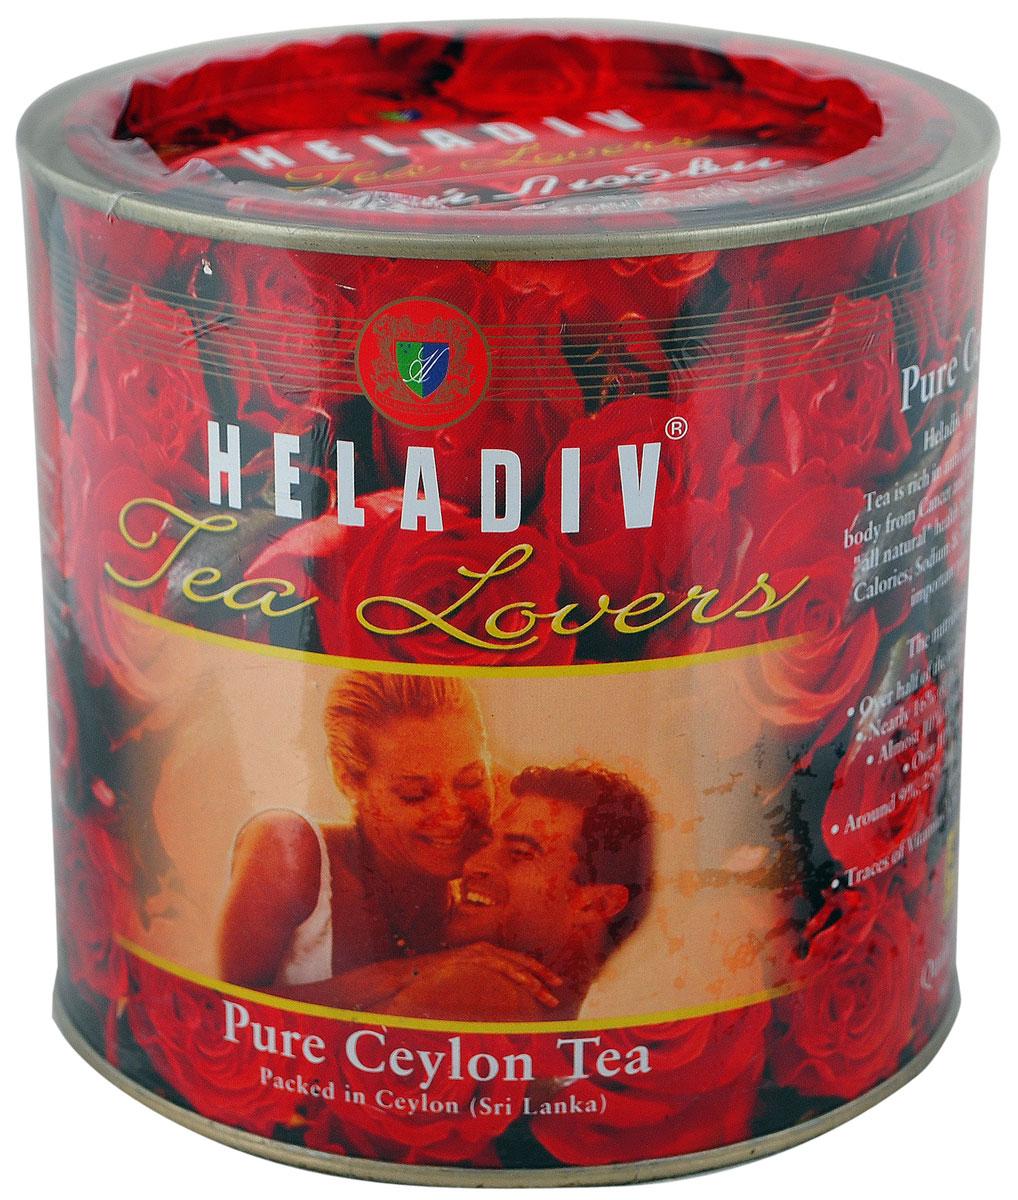 Heladiv Tea Lovers чай черный листовой, 450 г4791007001331Heladiv Tea Lovers (Хеладив Чай Любви) - это черный крупнолистовой цейлонский чай высшего сорта. Этот напиток снимает чувство усталости, способствует выведению вредных веществ из организма и укрепляет сердечно-сосудистую систему. Чай Хеладив - это экологически чистый продукт, который может стать неотъемлемой частью вашей здоровой диеты.Всё о чае: сорта, факты, советы по выбору и употреблению. Статья OZON Гид